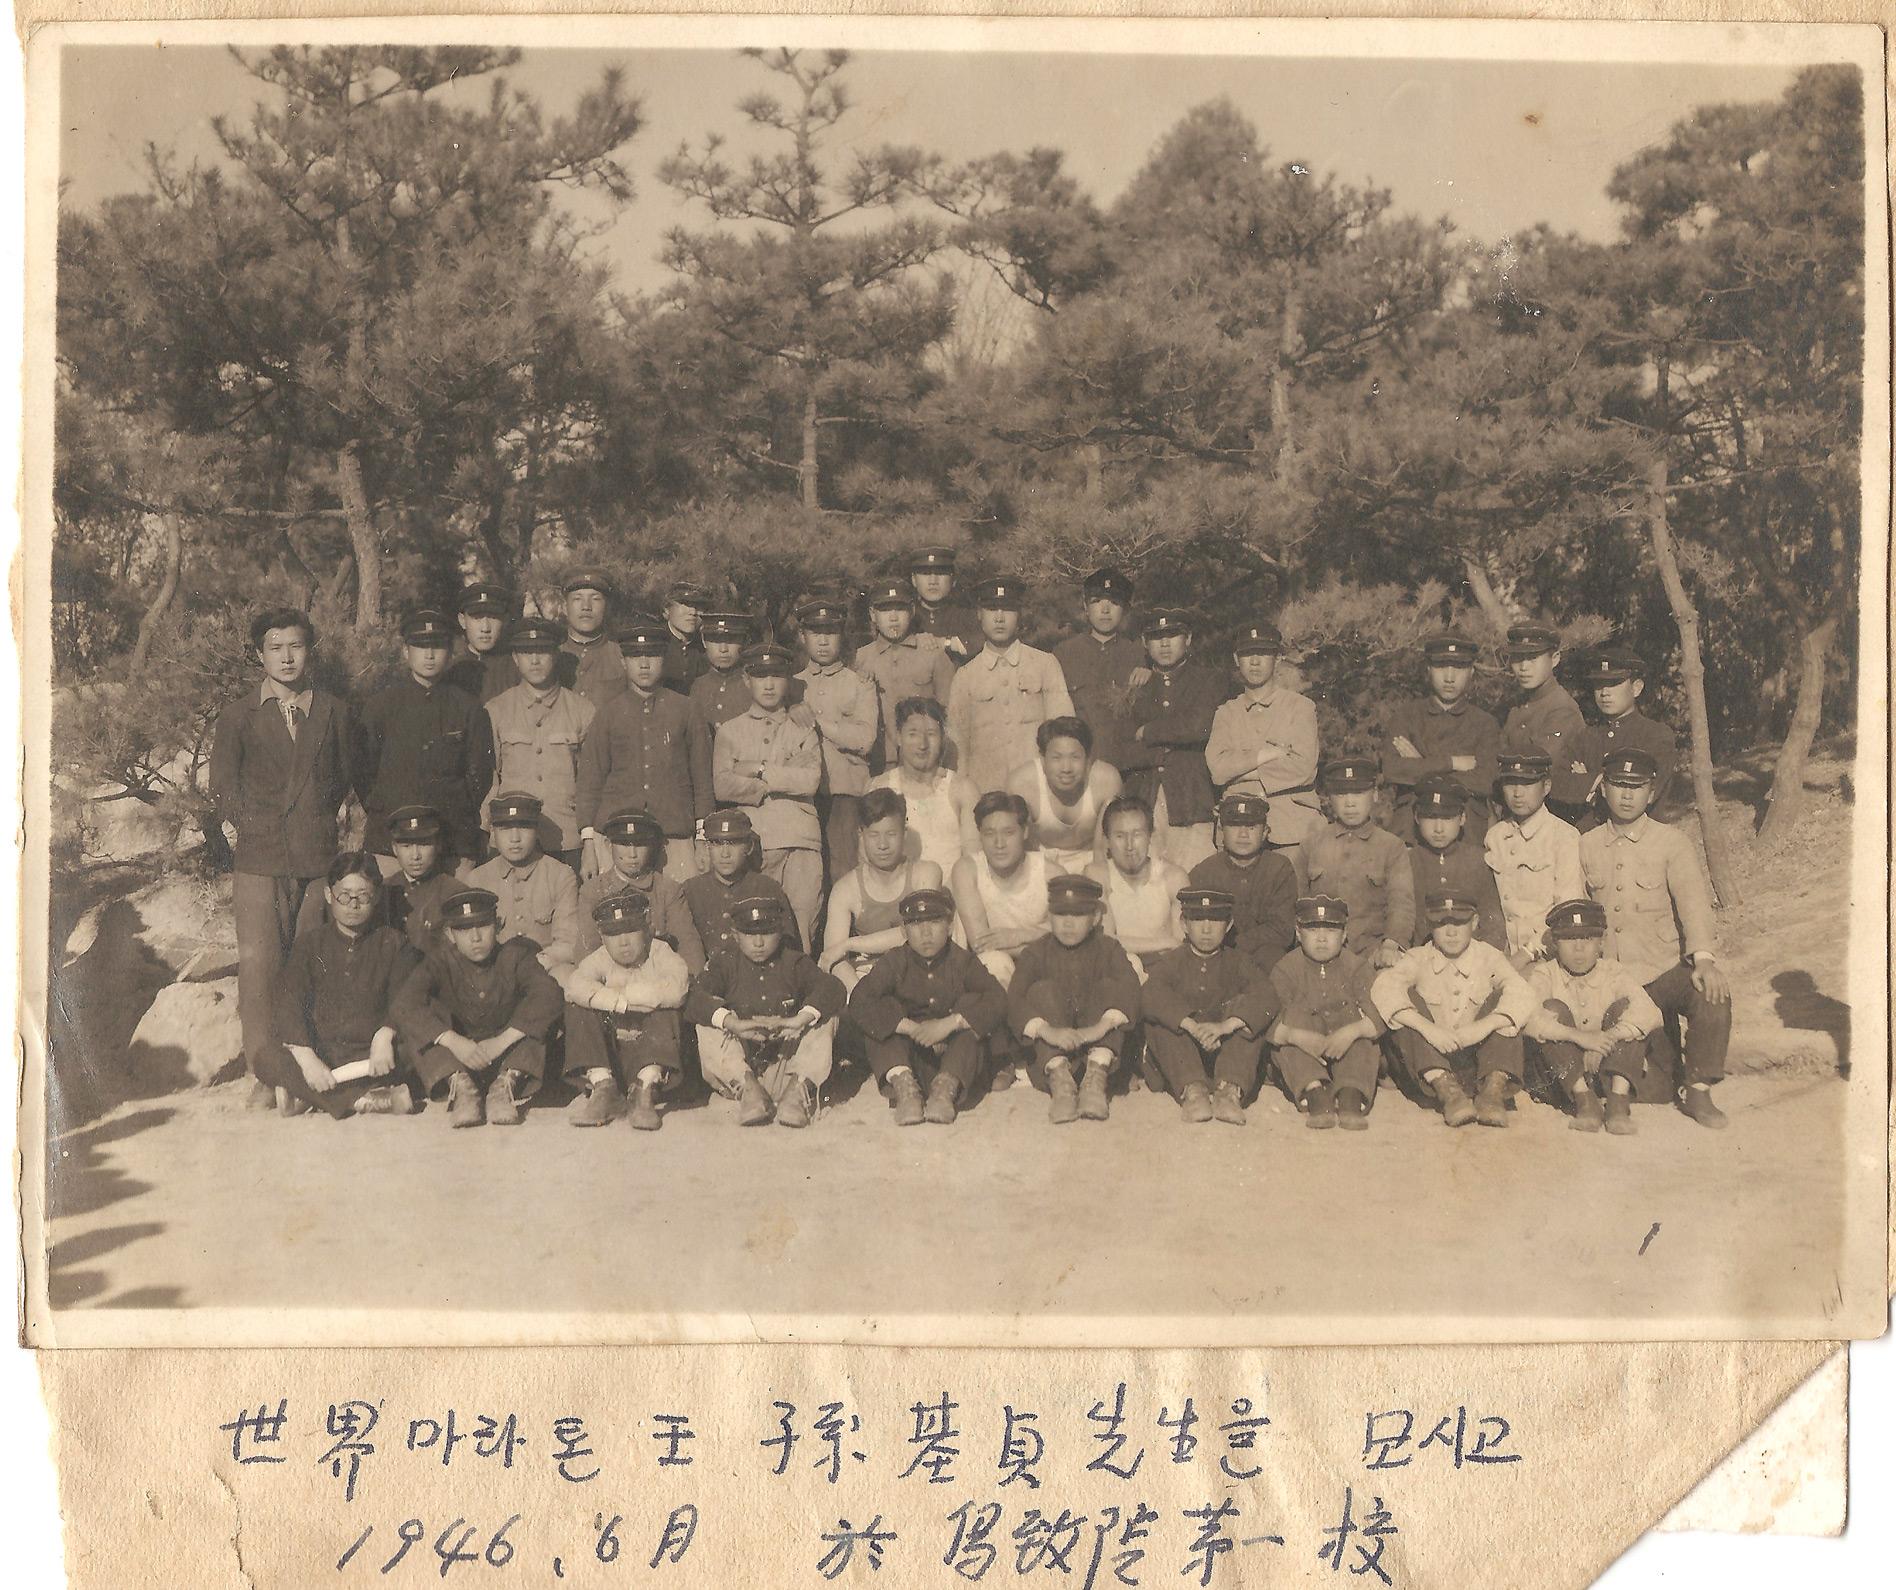 1946년 6월 손기정 선수 방문기념 촬영